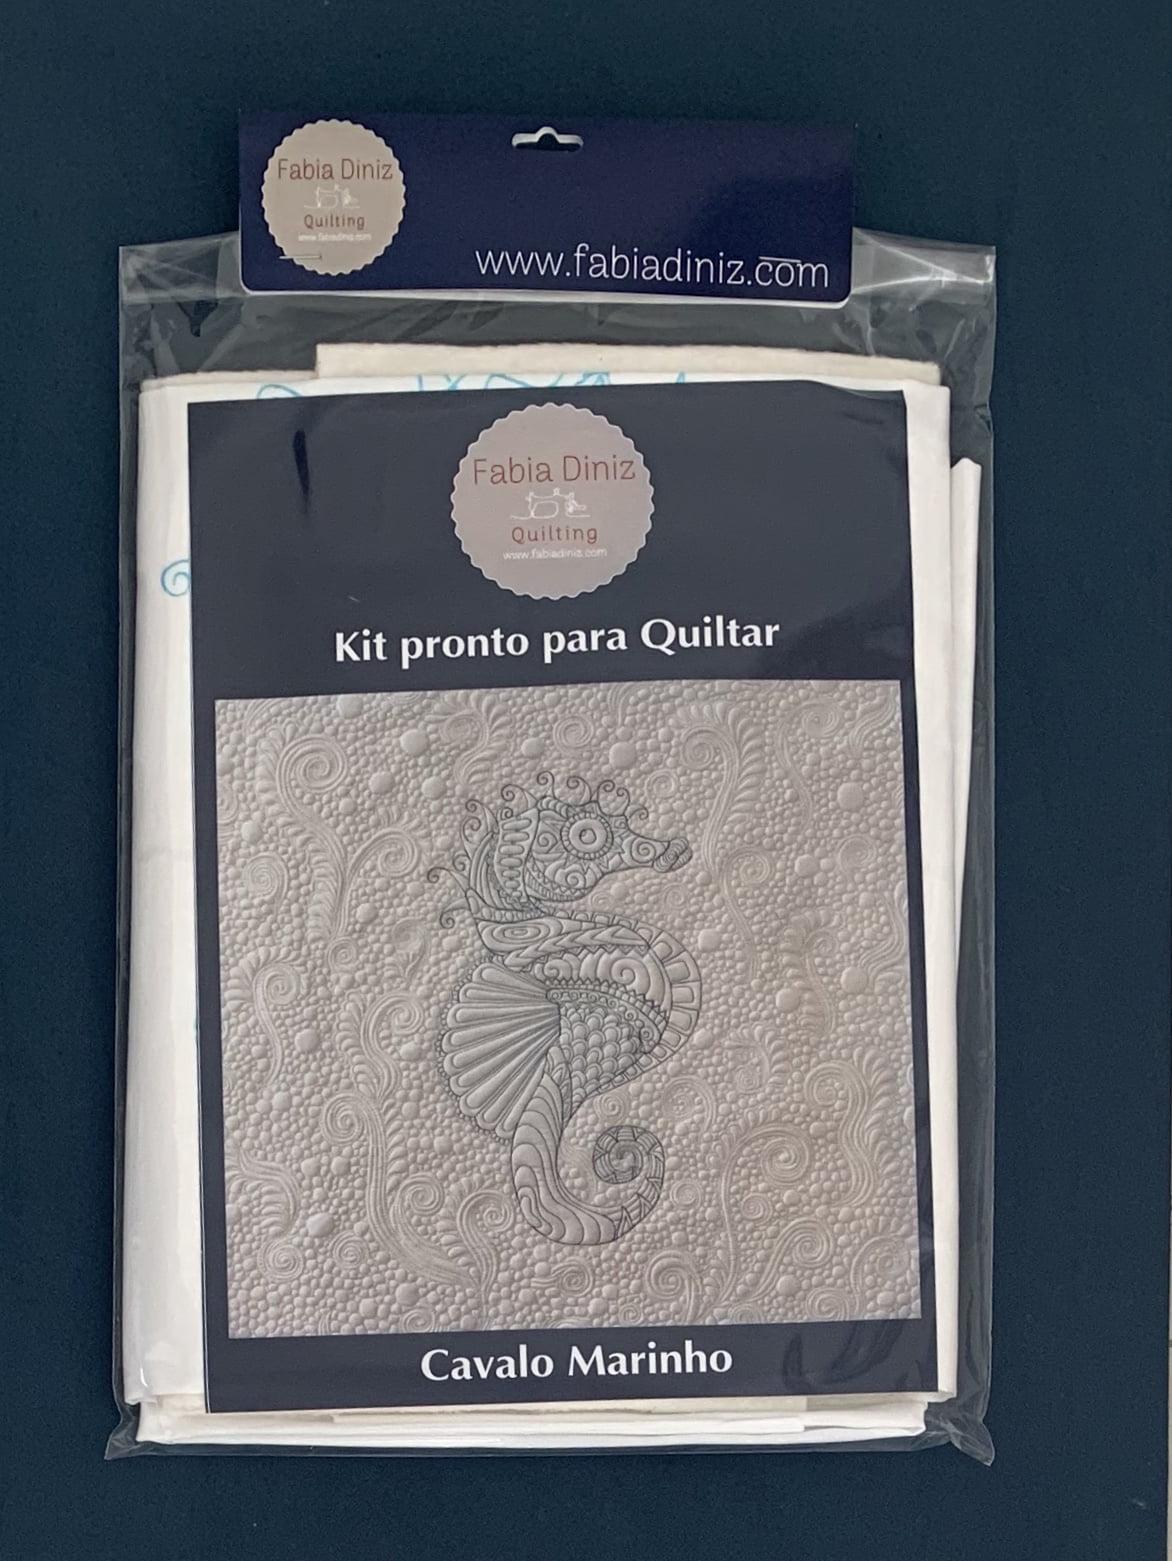 Kit Cavalo Marinho  - Pronto para Quiltar